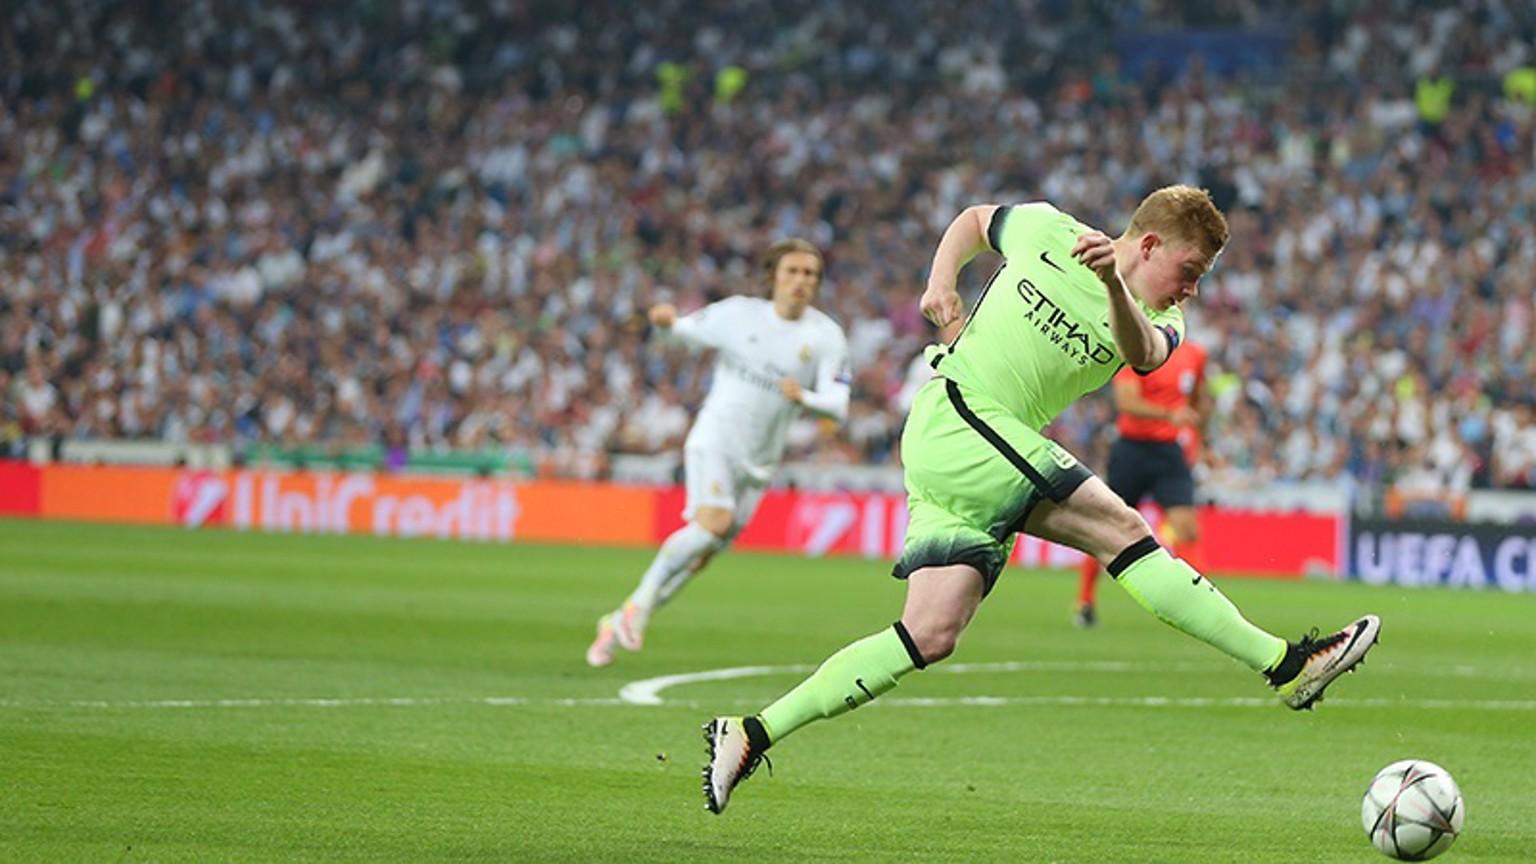 City's Champions League dream ends